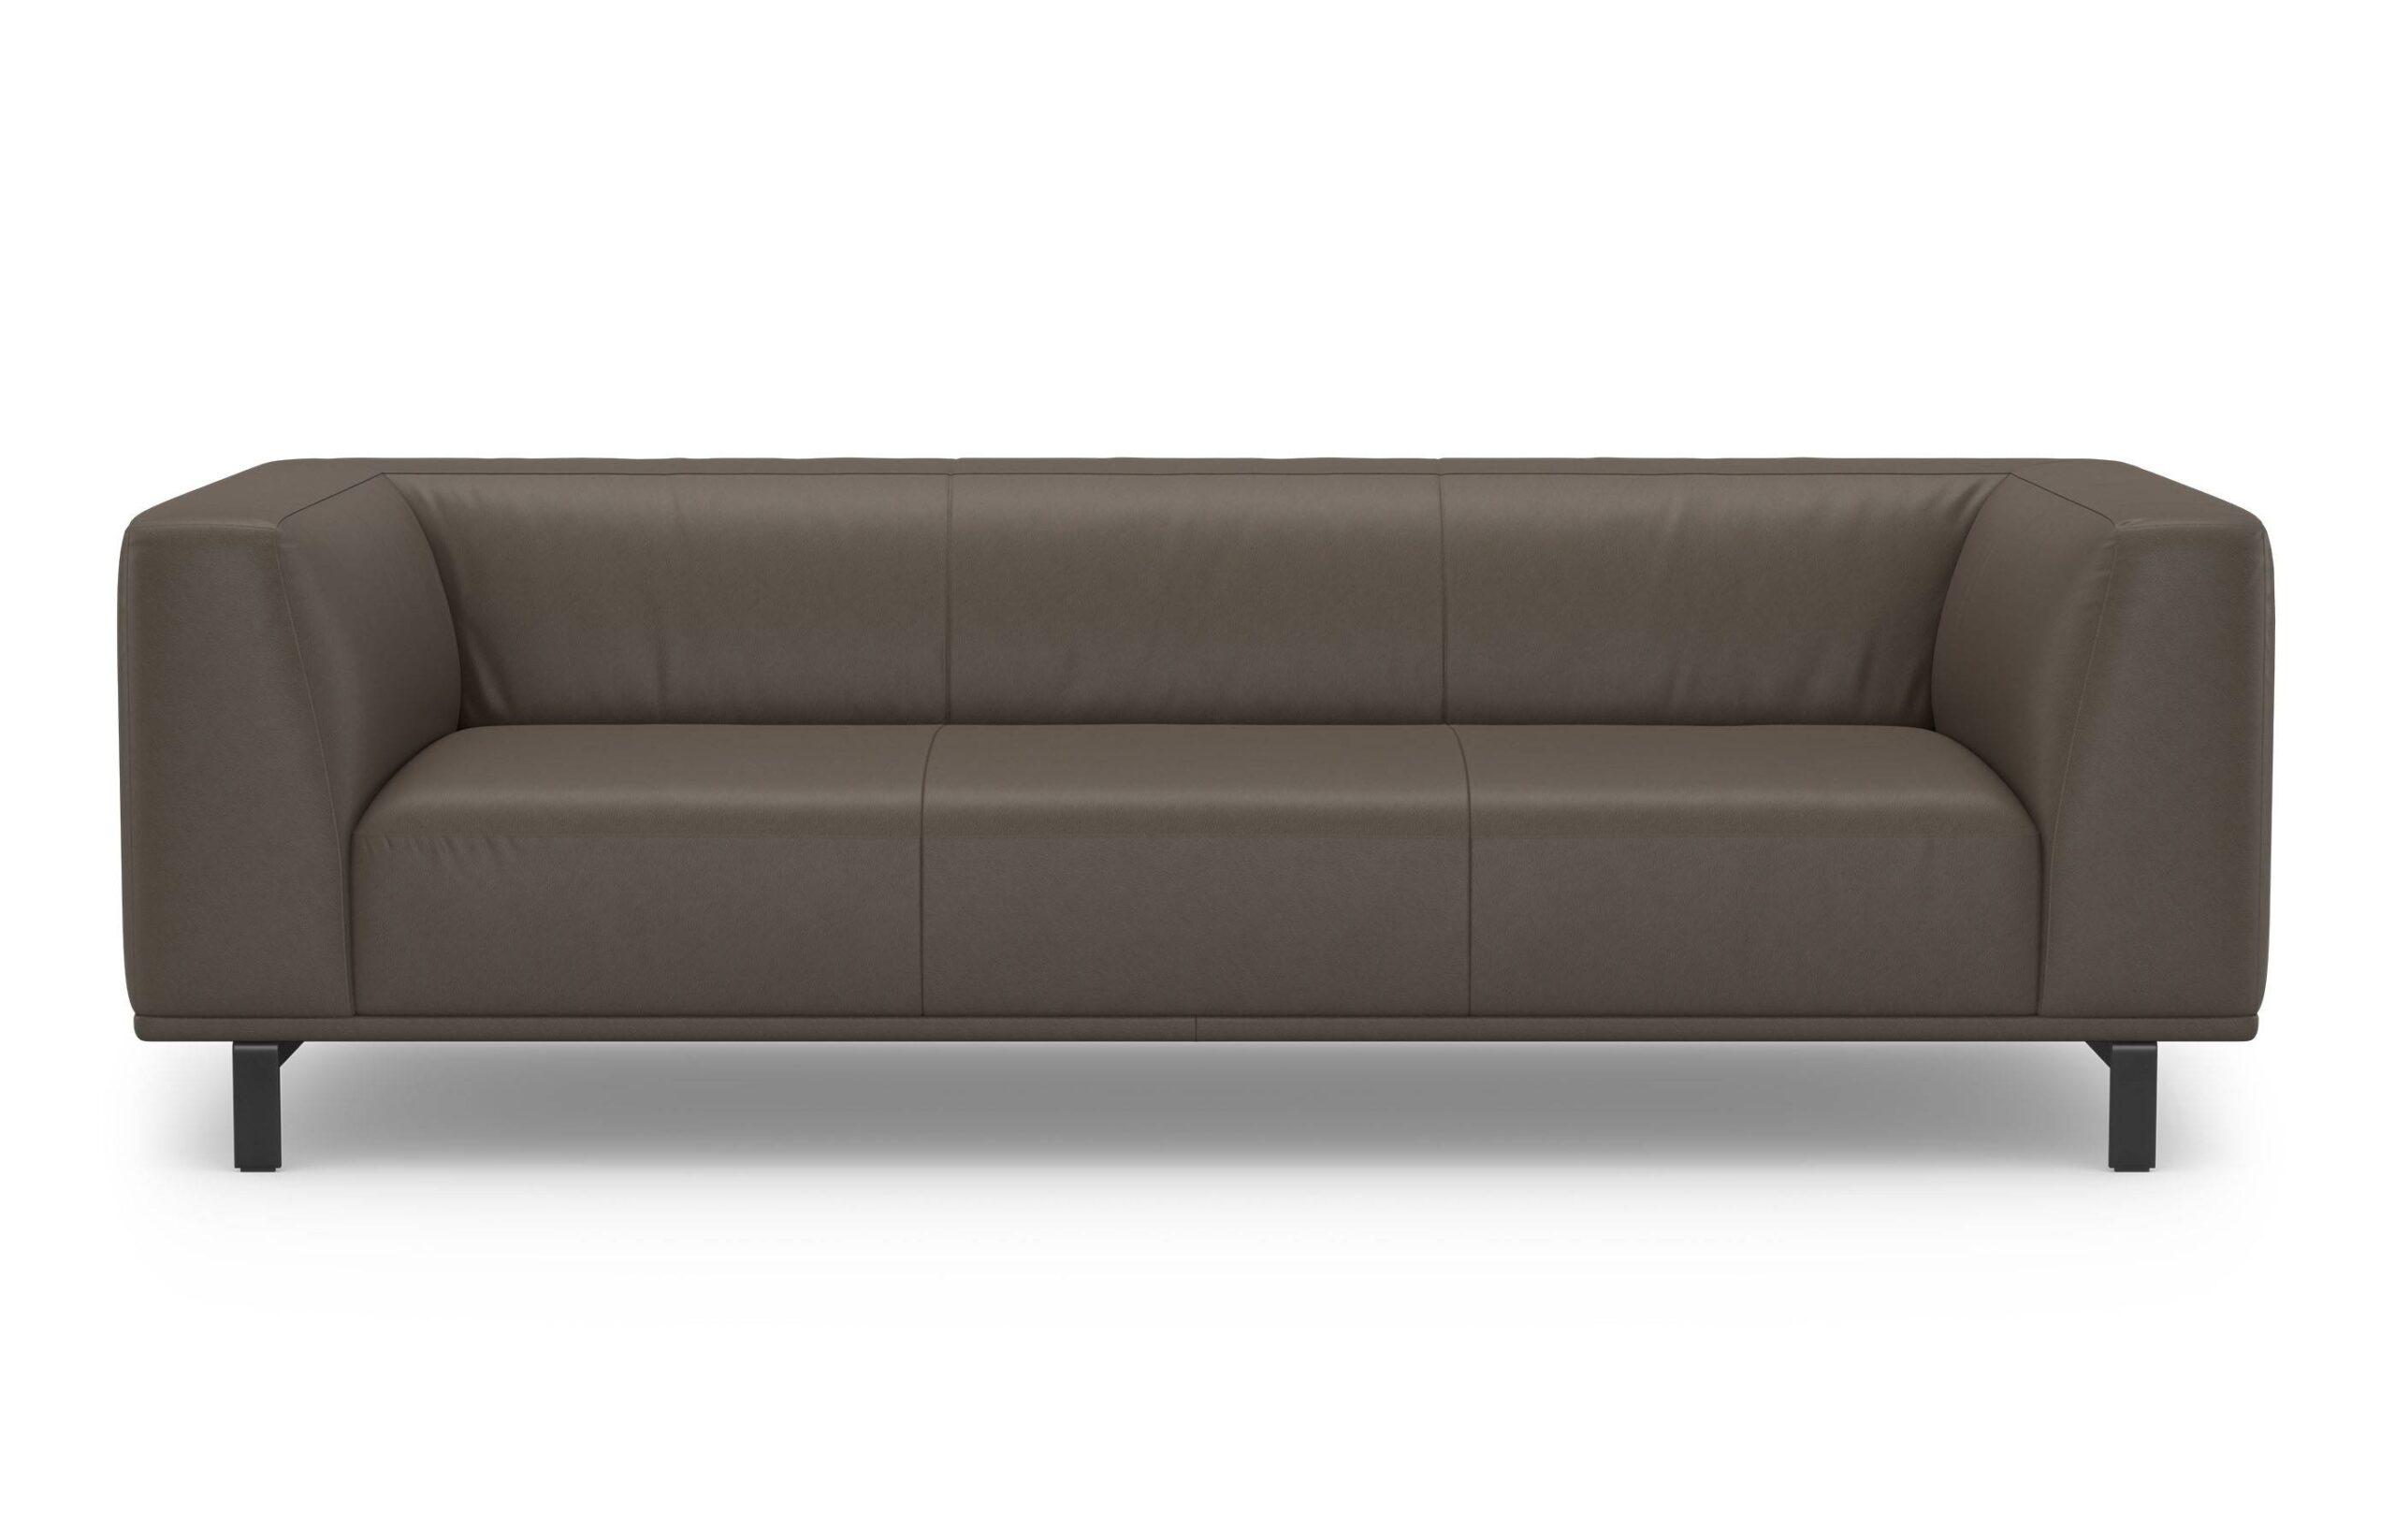 Full Size of Sofa Leder Braun 3 Sitzer   Chesterfield Gebraucht 3 2 1 Couch Vintage 2 Sitzer Kaufen Sitzer View Sitzfeldtcom Kolonialstil Relaxfunktion Weiches Büffelleder Sofa Sofa Leder Braun